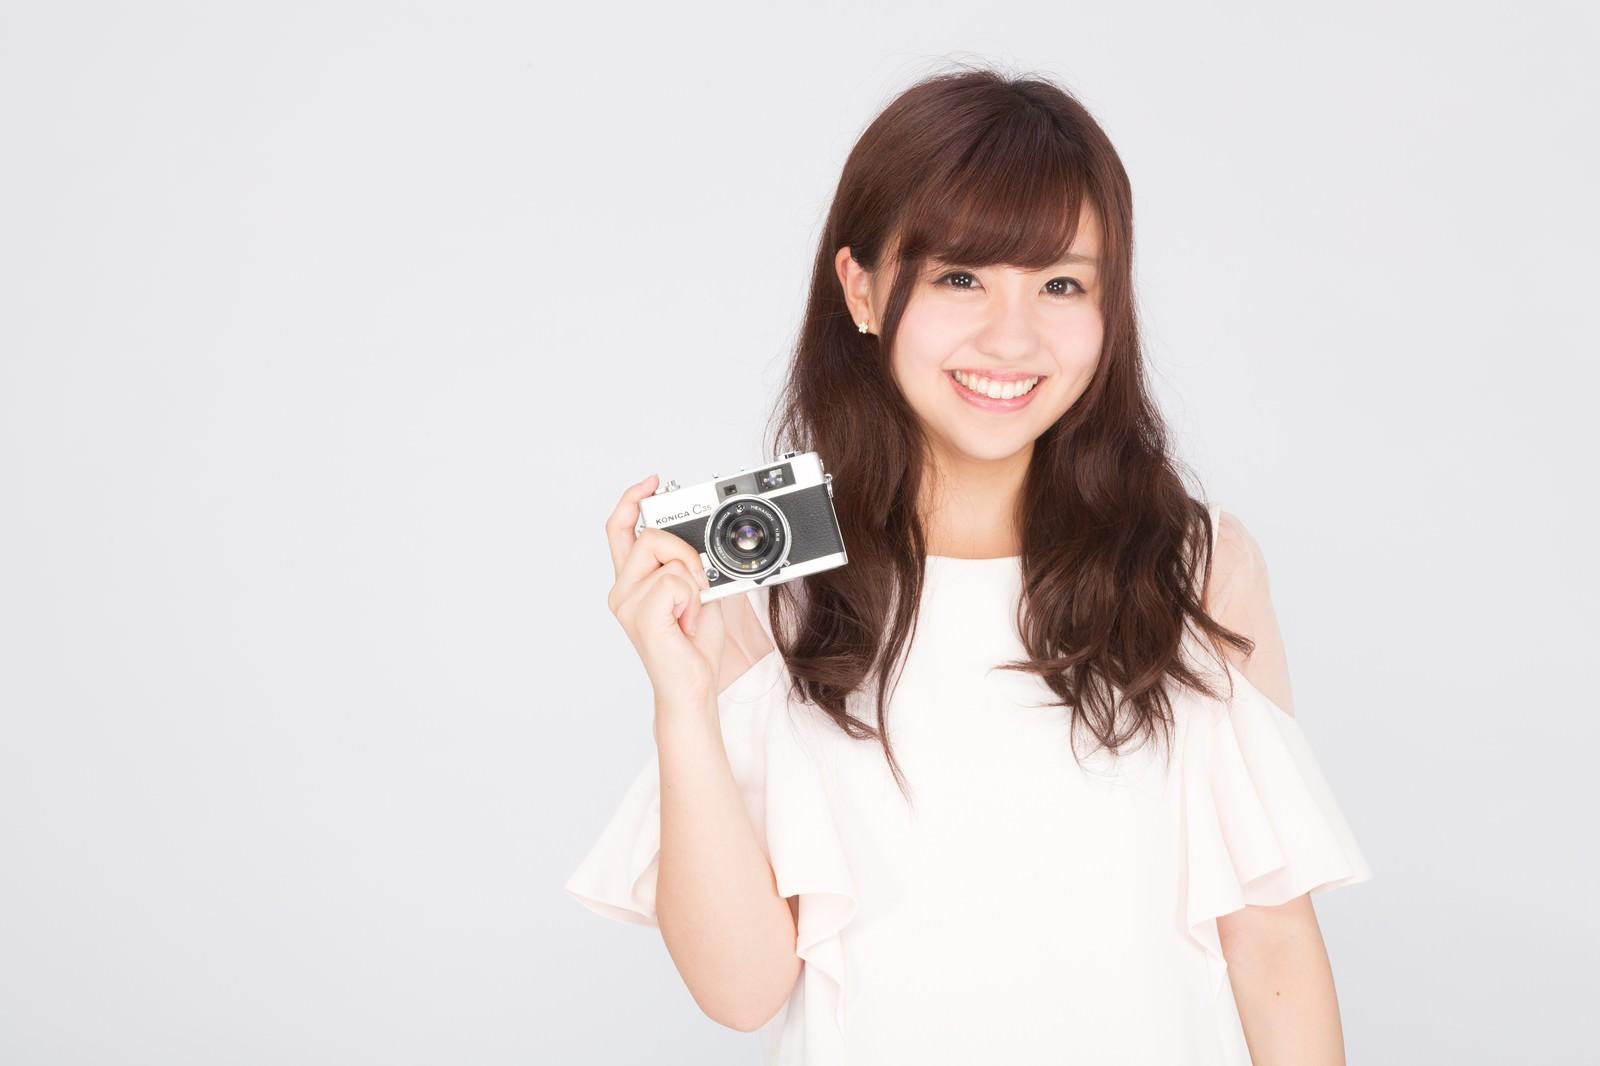 「カメラを持ったカメラ女子カメラを持ったカメラ女子」[モデル:河村友歌]のフリー写真素材